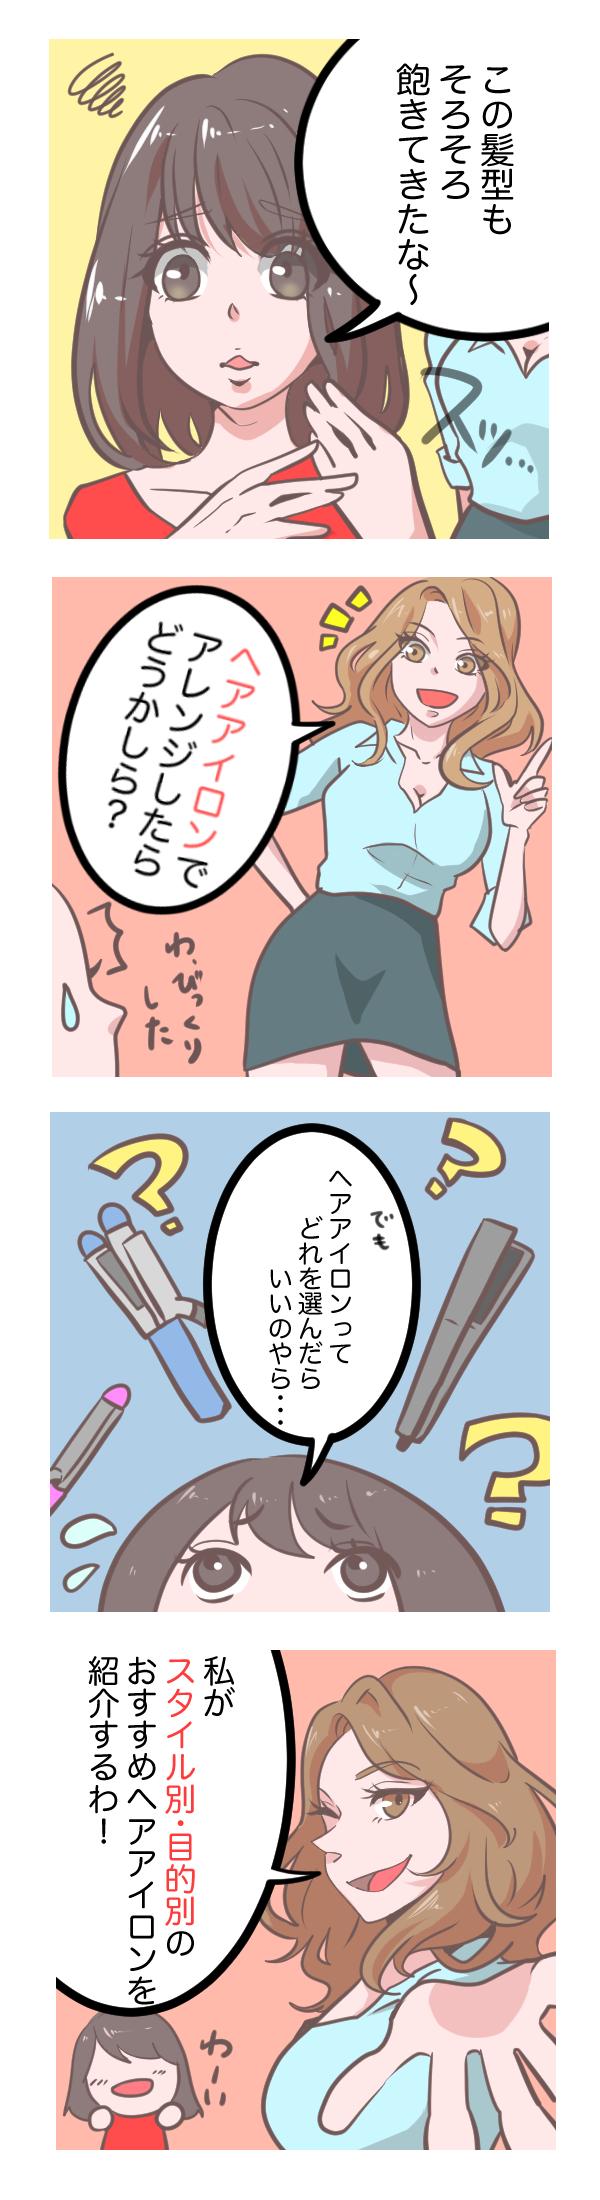 おすすめヘアアイロンの選び方